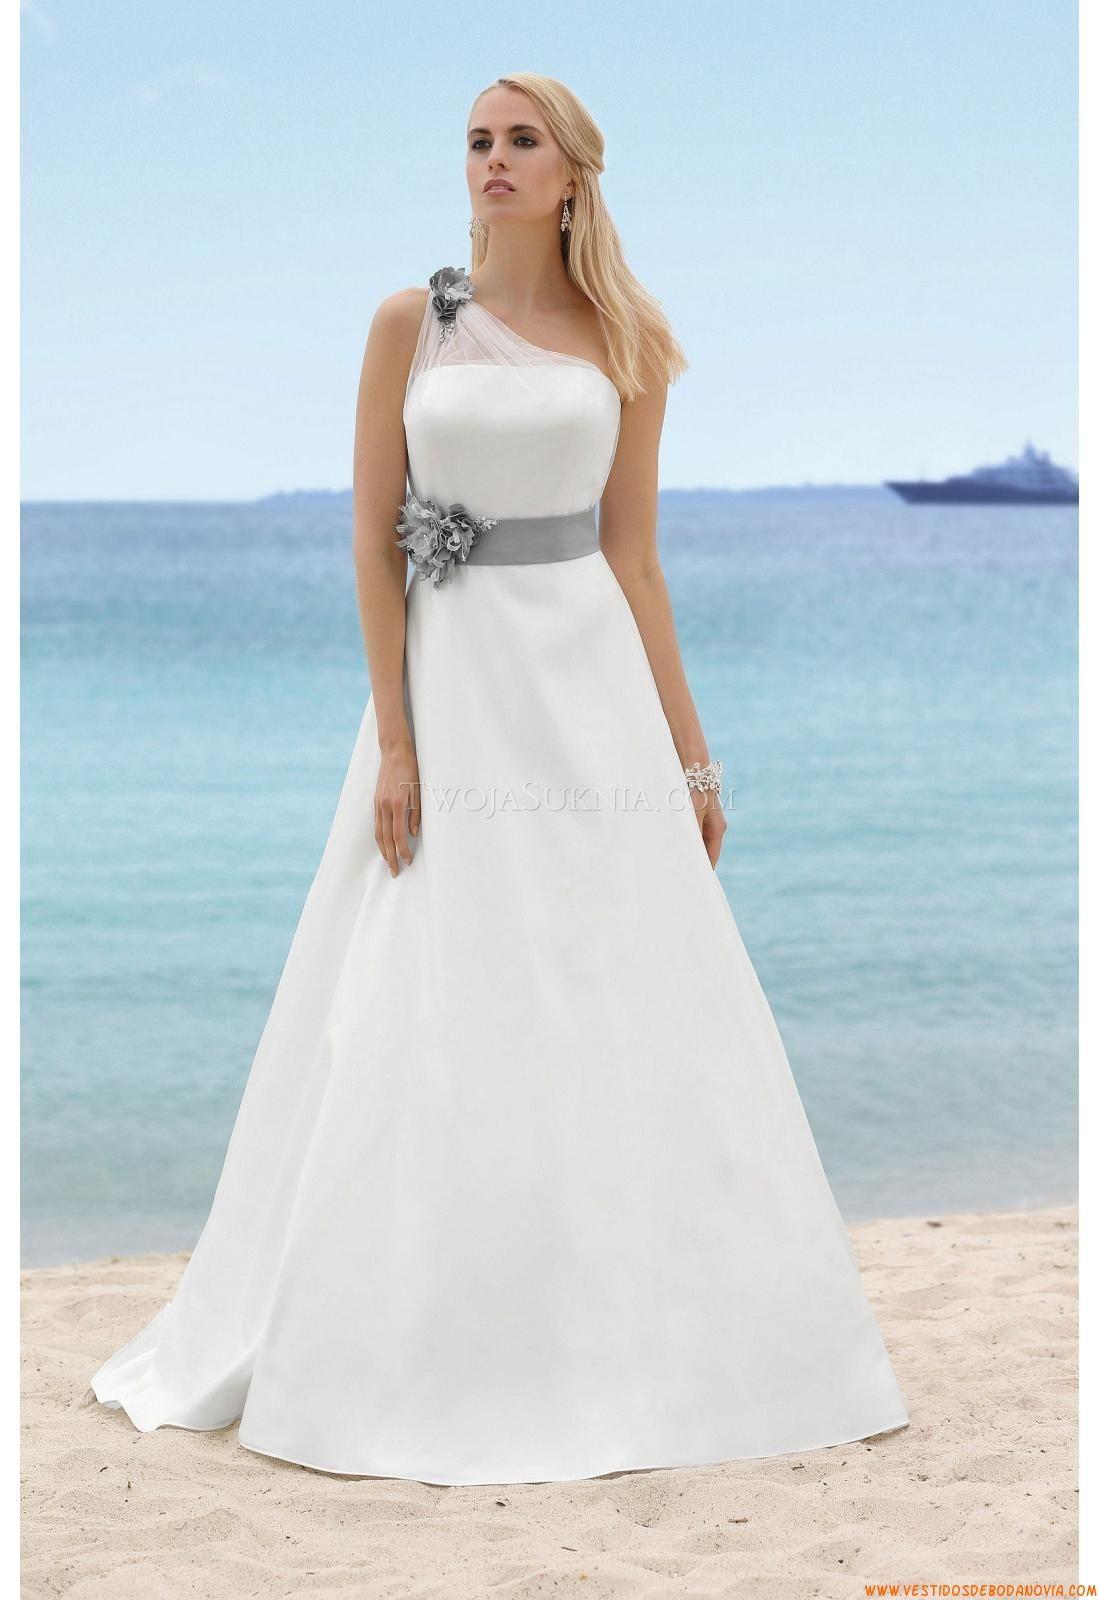 Vestido de novia Affinity Bridal Addison 2014 | bodas | Pinterest ...